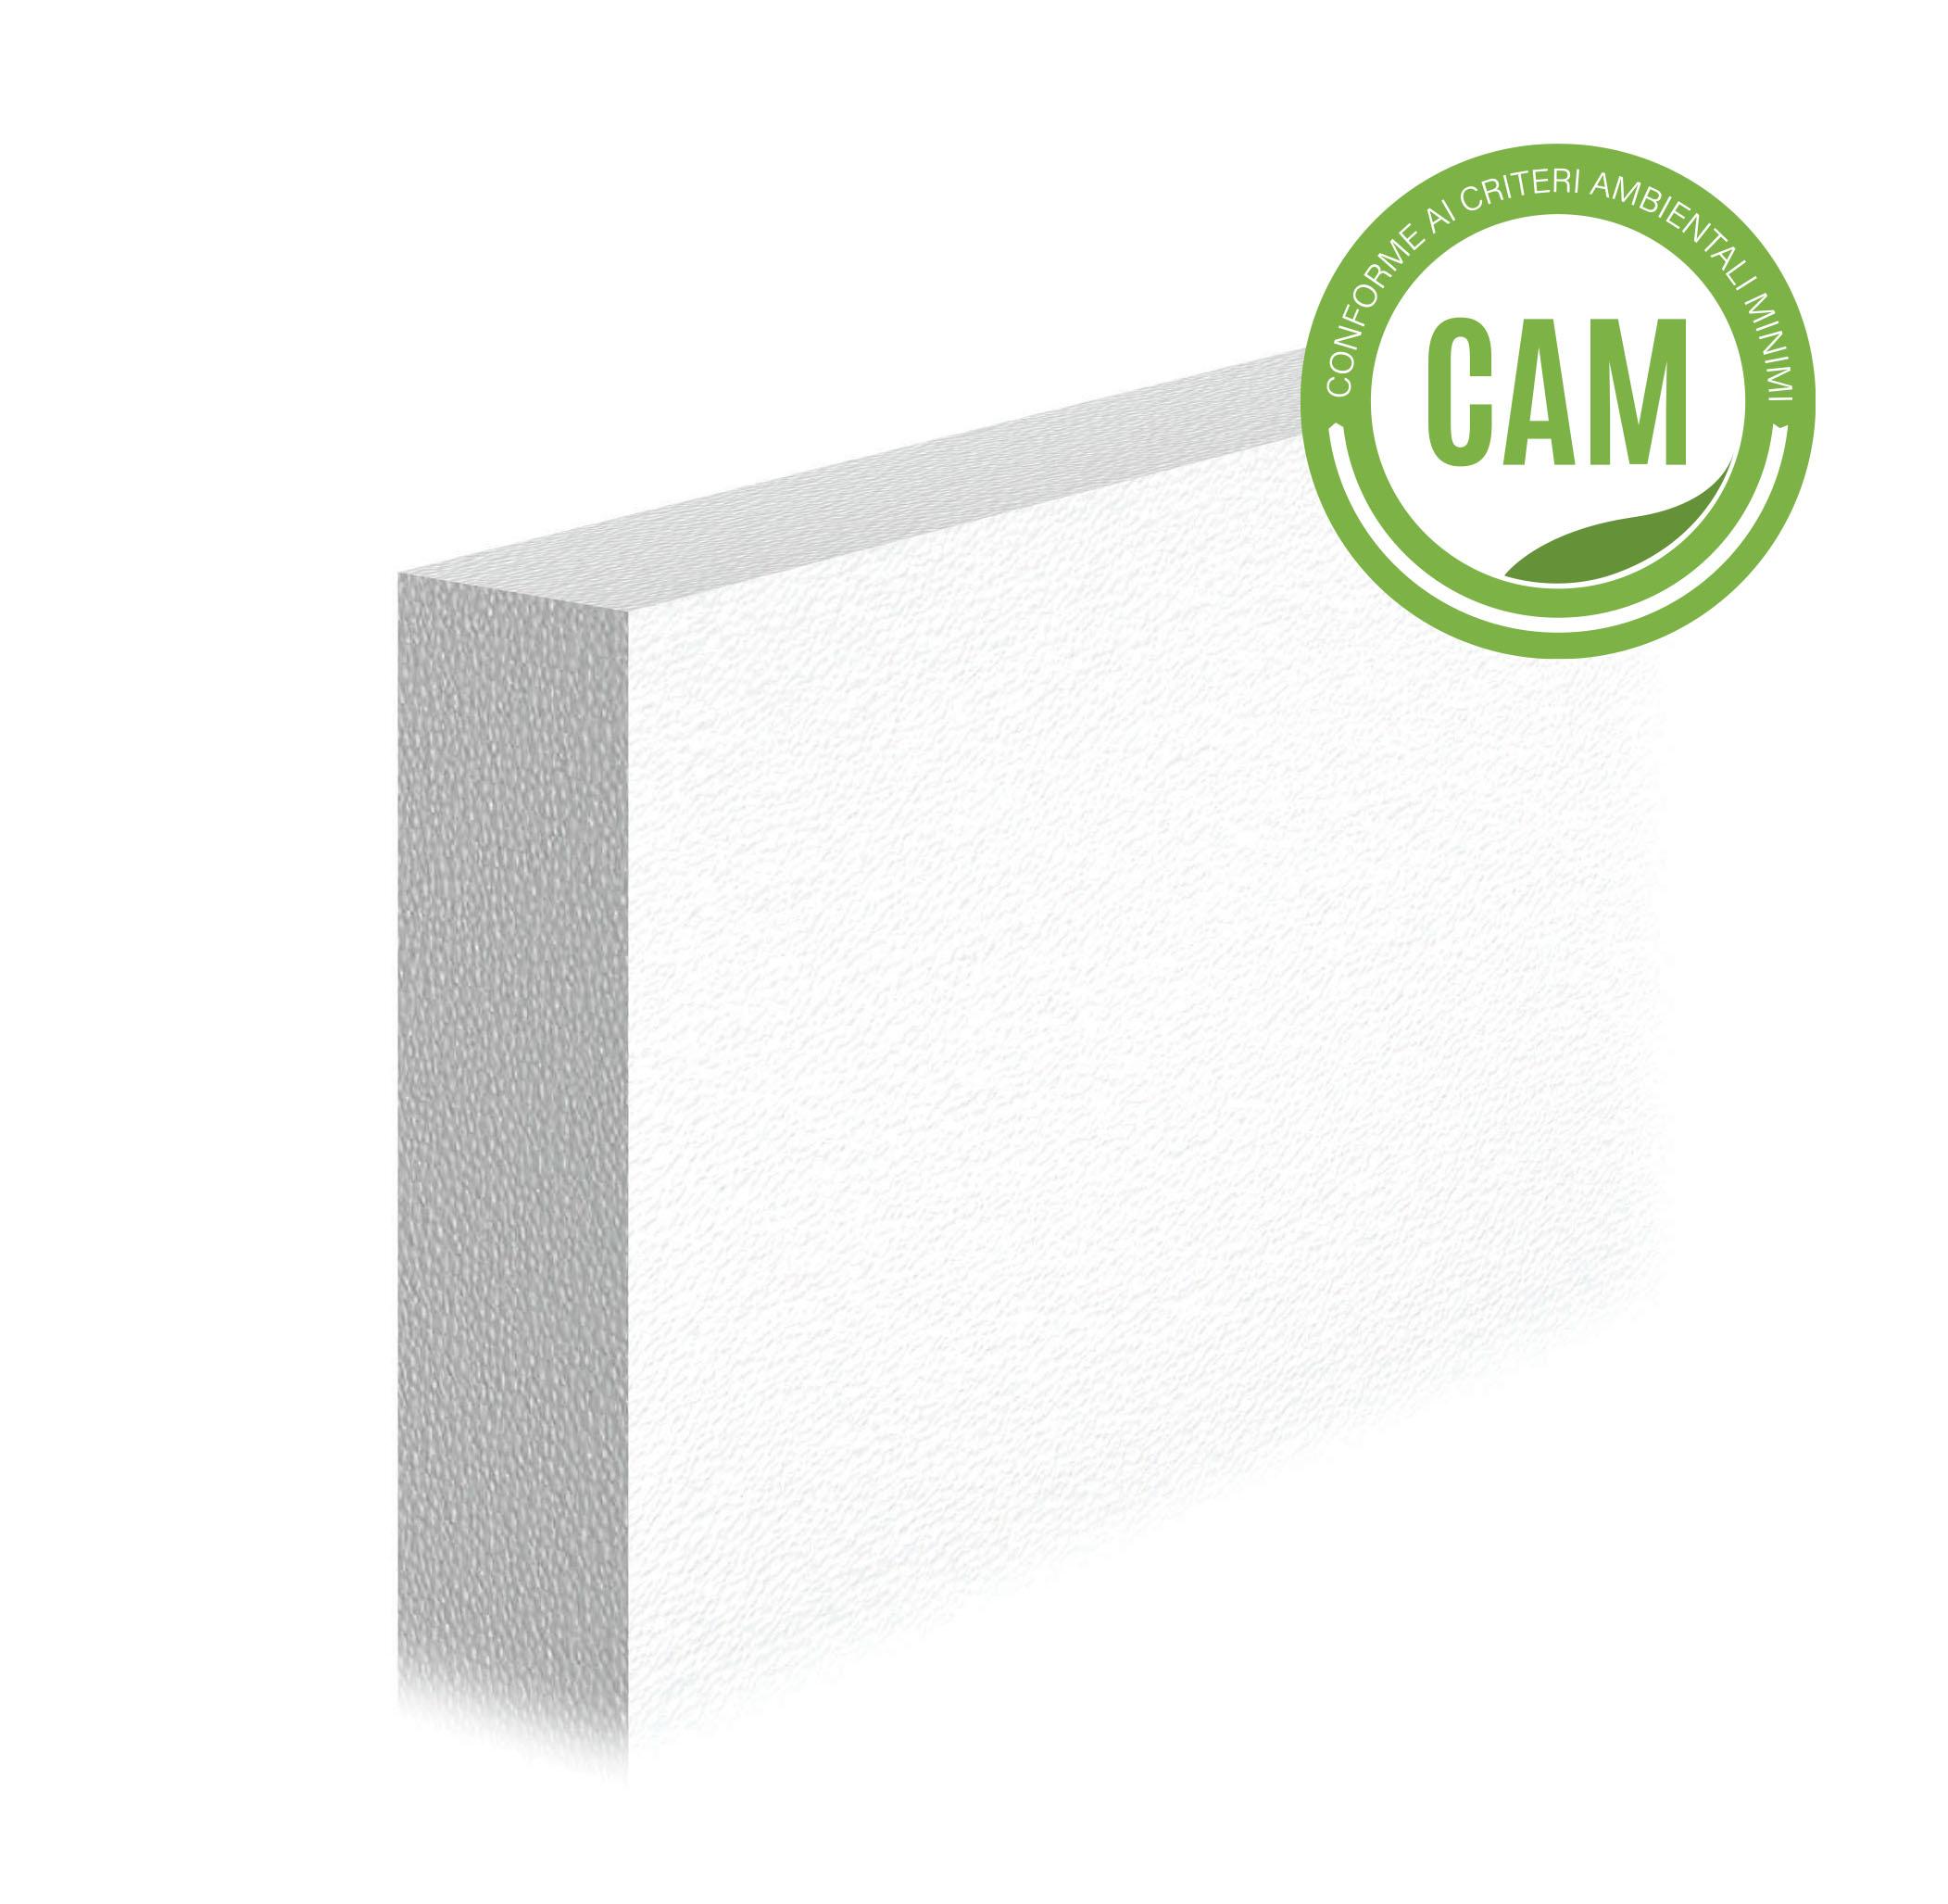 LASTRA ISOLANTE IN EPS 100 - TR 150: Lastra isolante in EPS bianco, tagliata da blocco, con conducibilità termica 0,036 W/(m·K).Conforme ai CAM